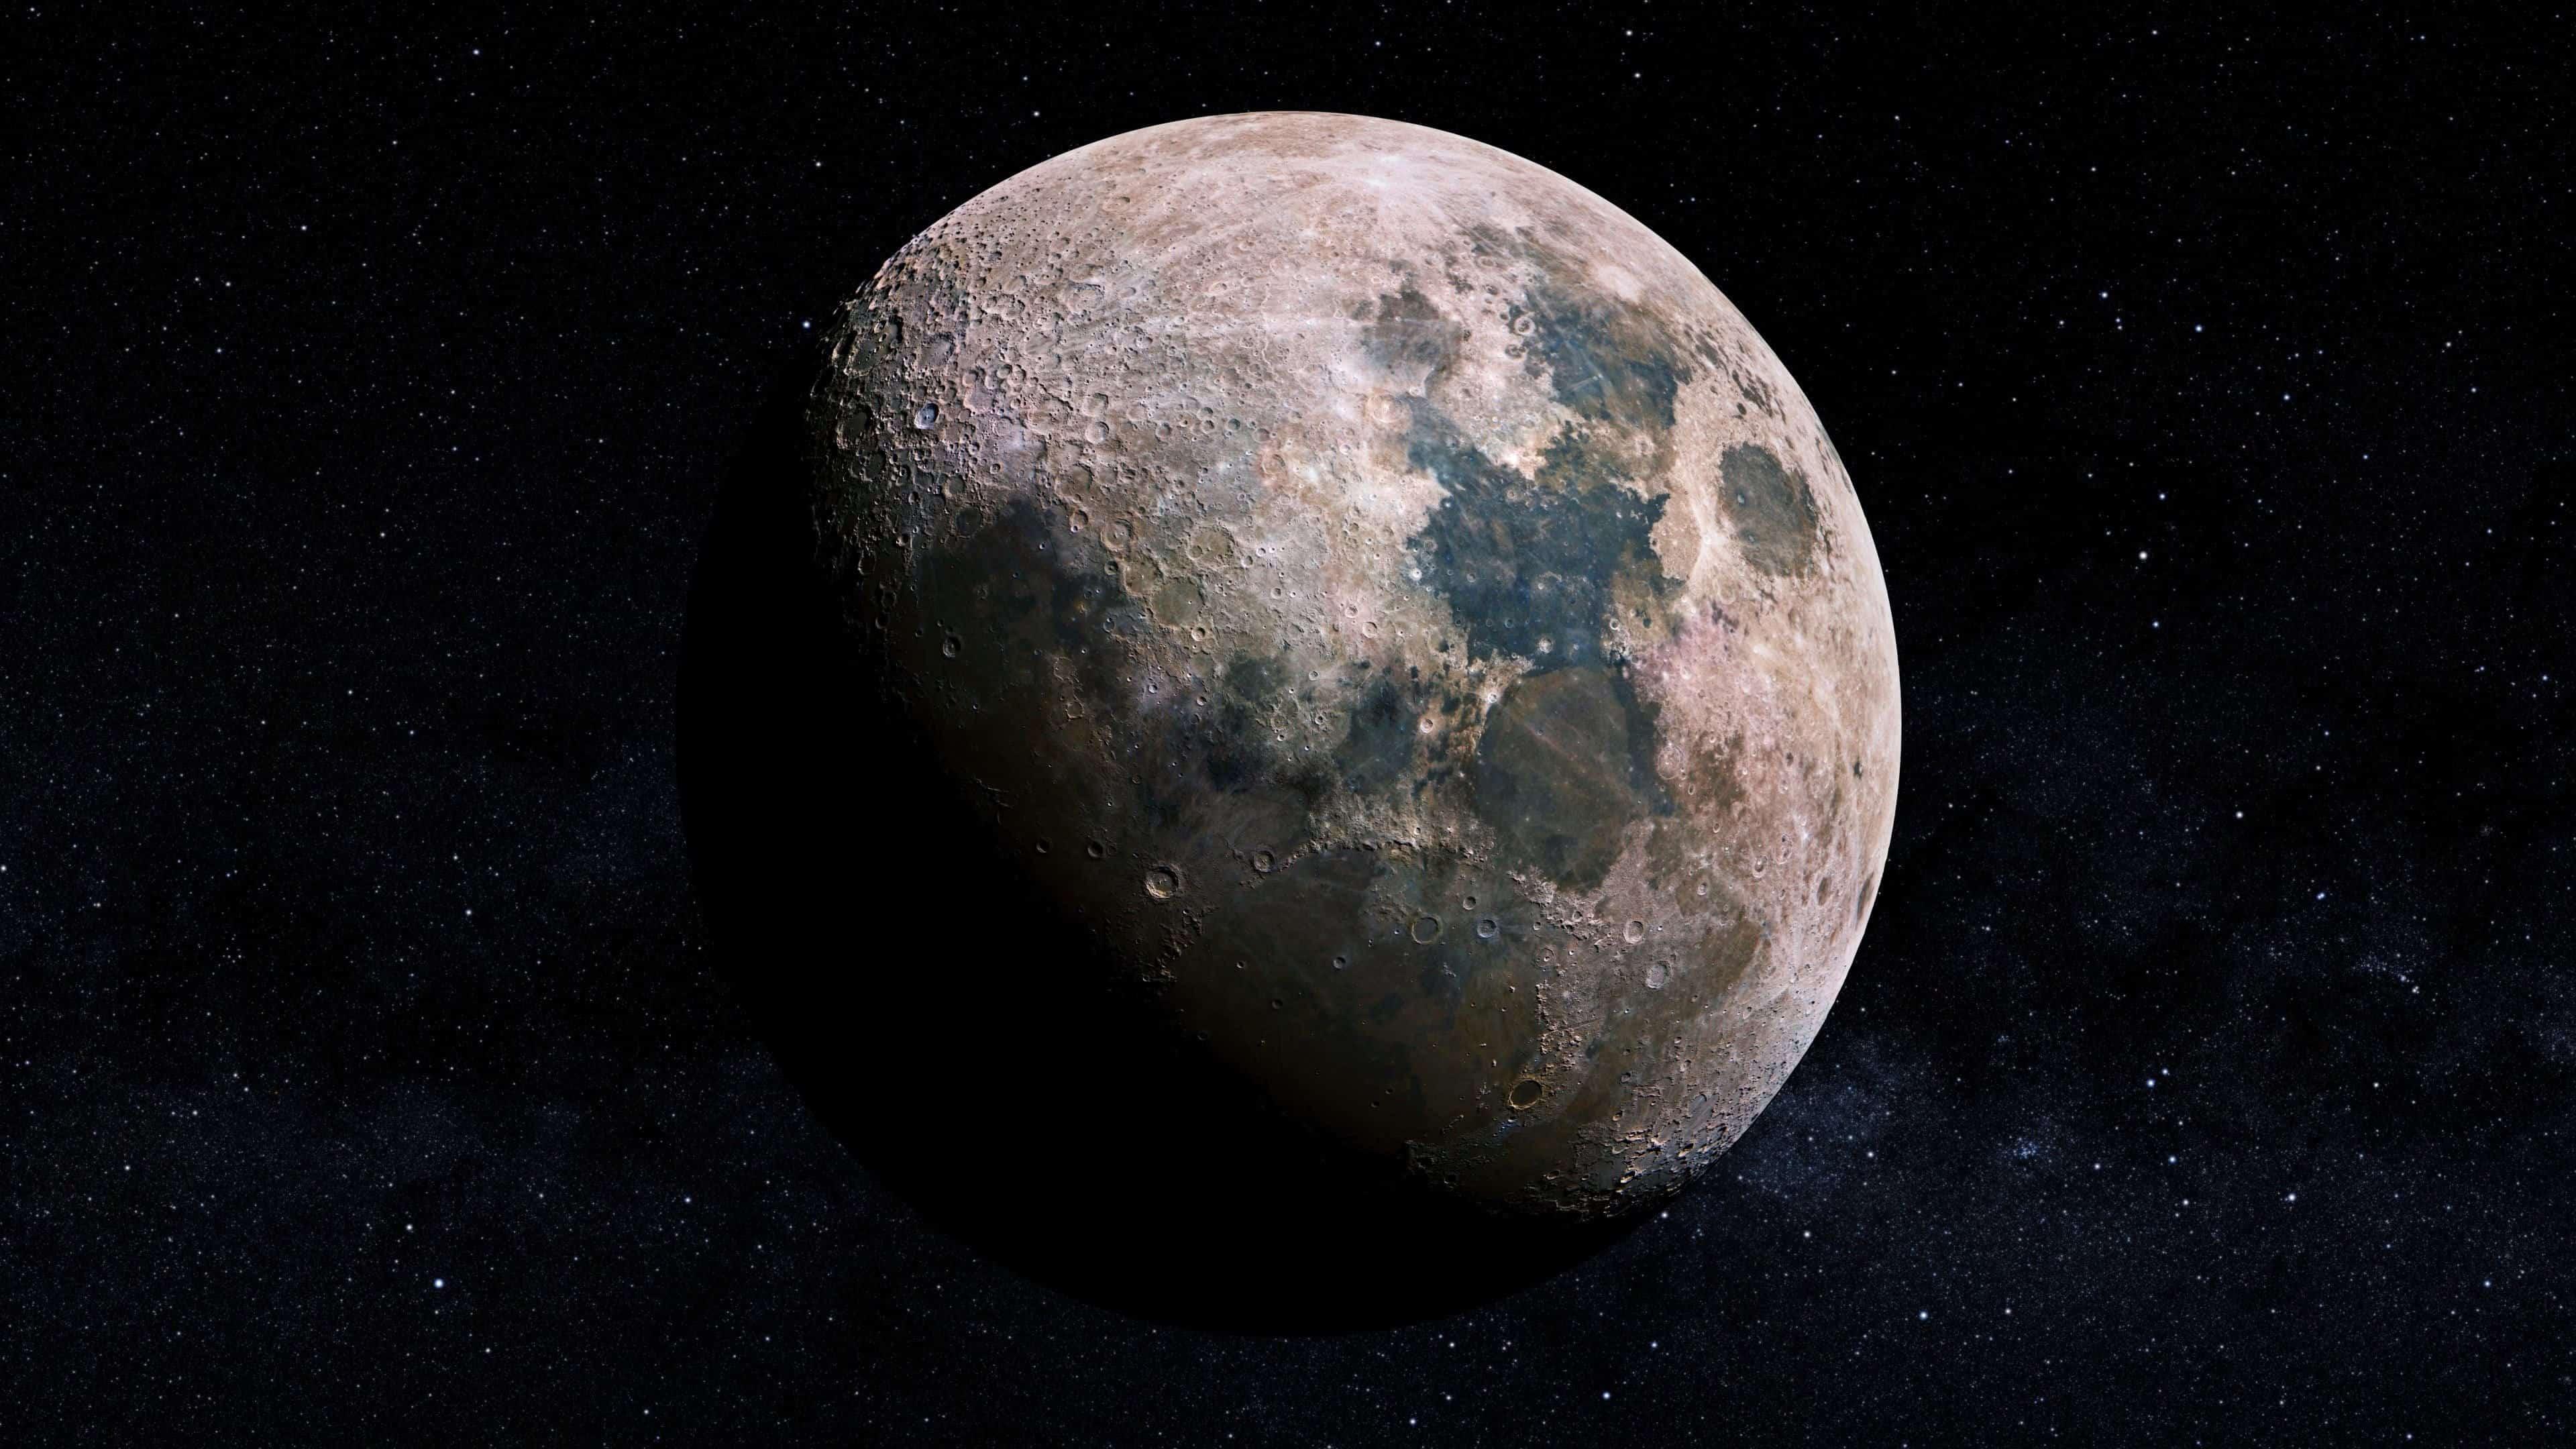 moon uhd 4k wallpaper